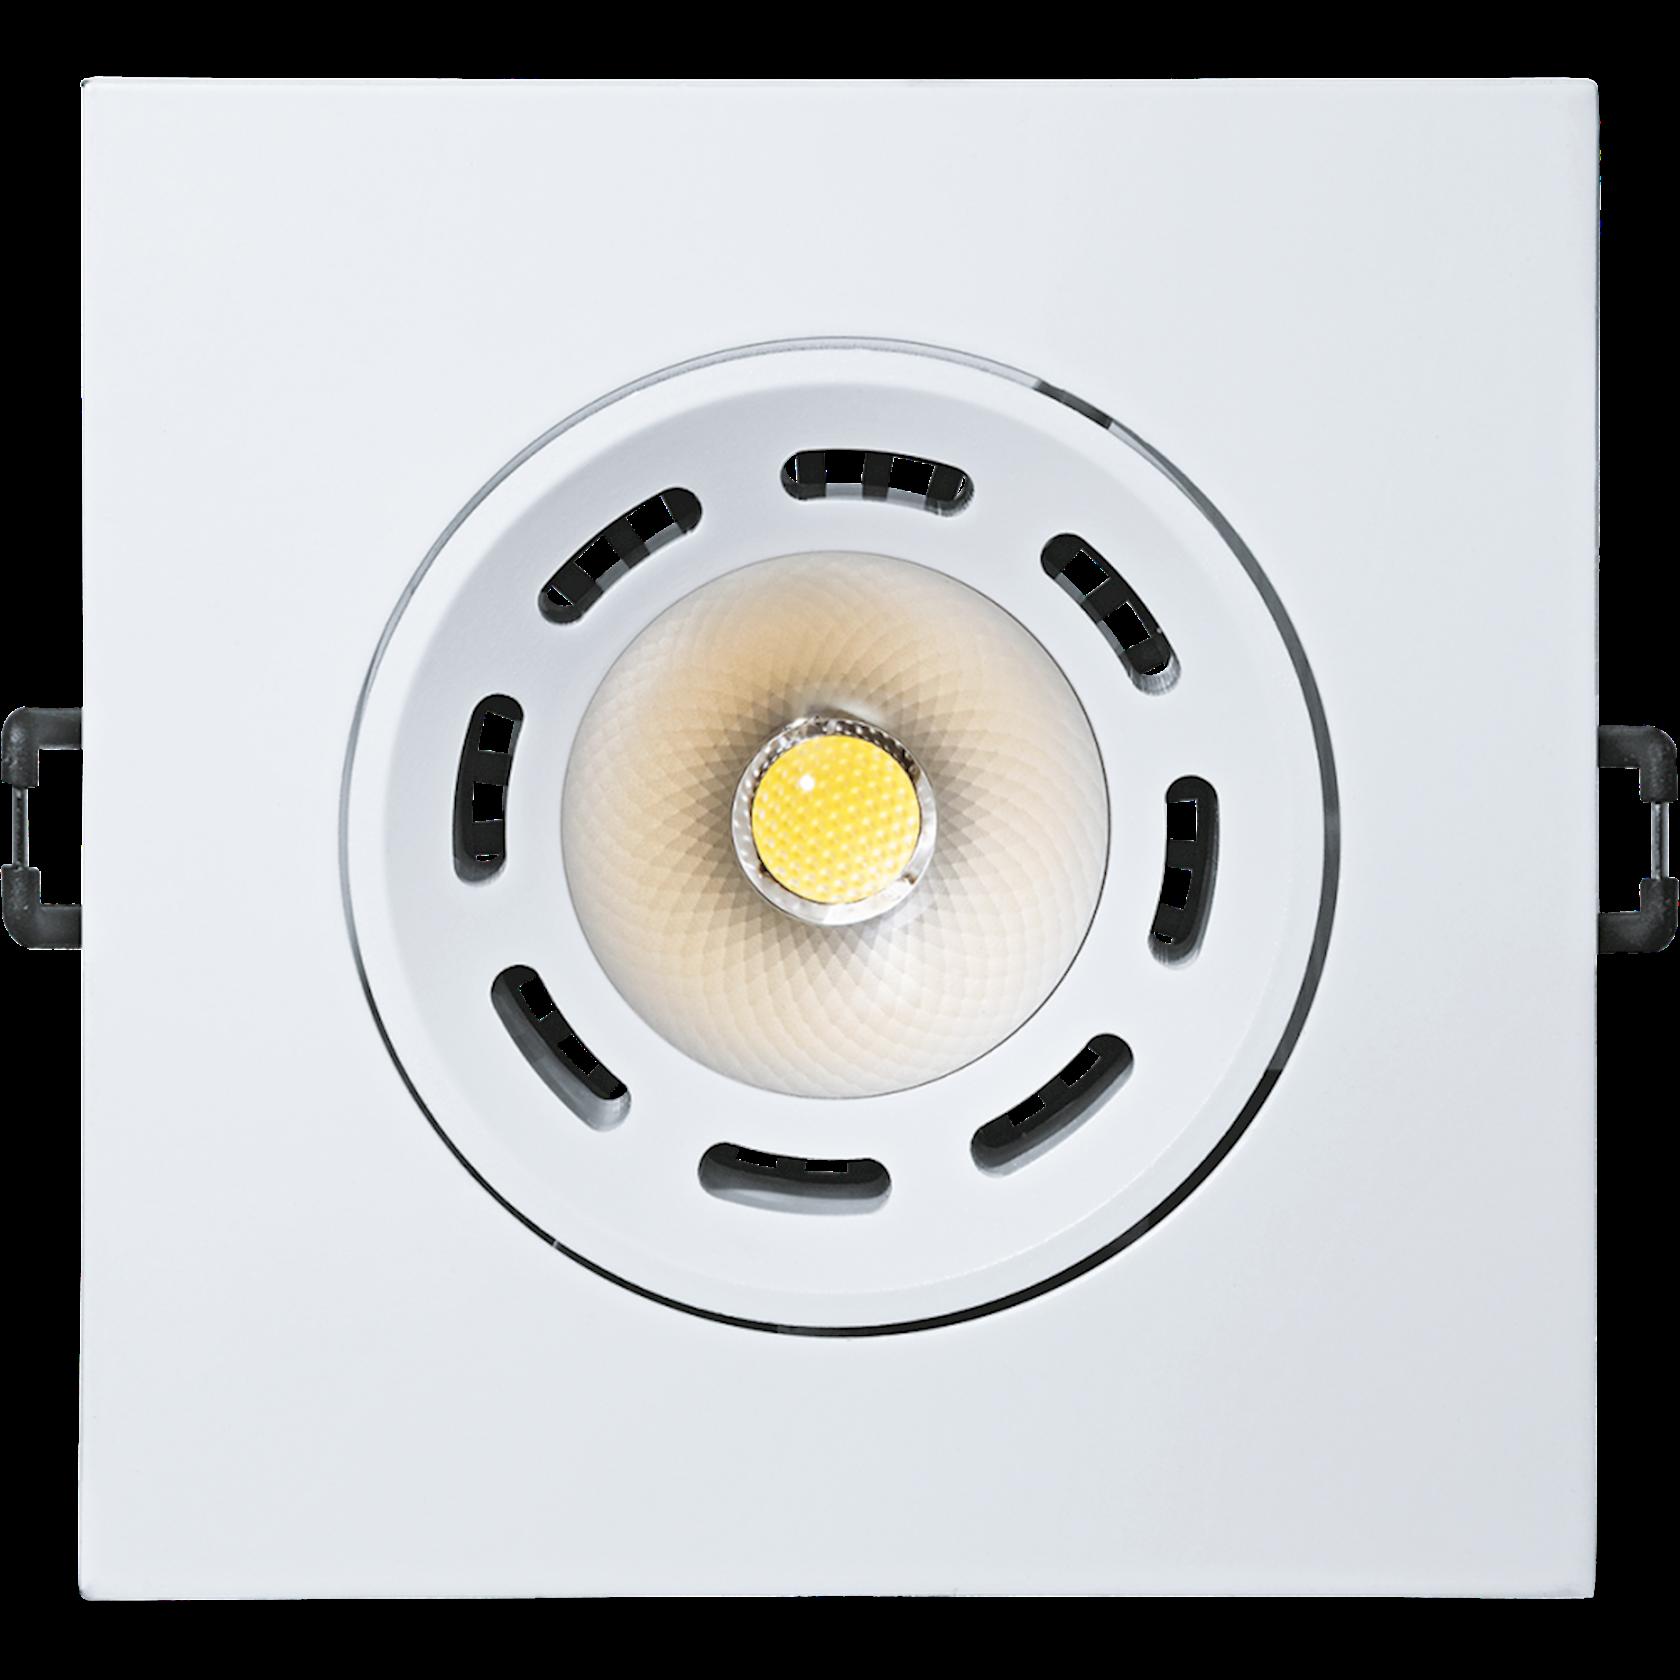 Quraşdırılan LED çıraq Navigator NDL-PS2, 9Vt